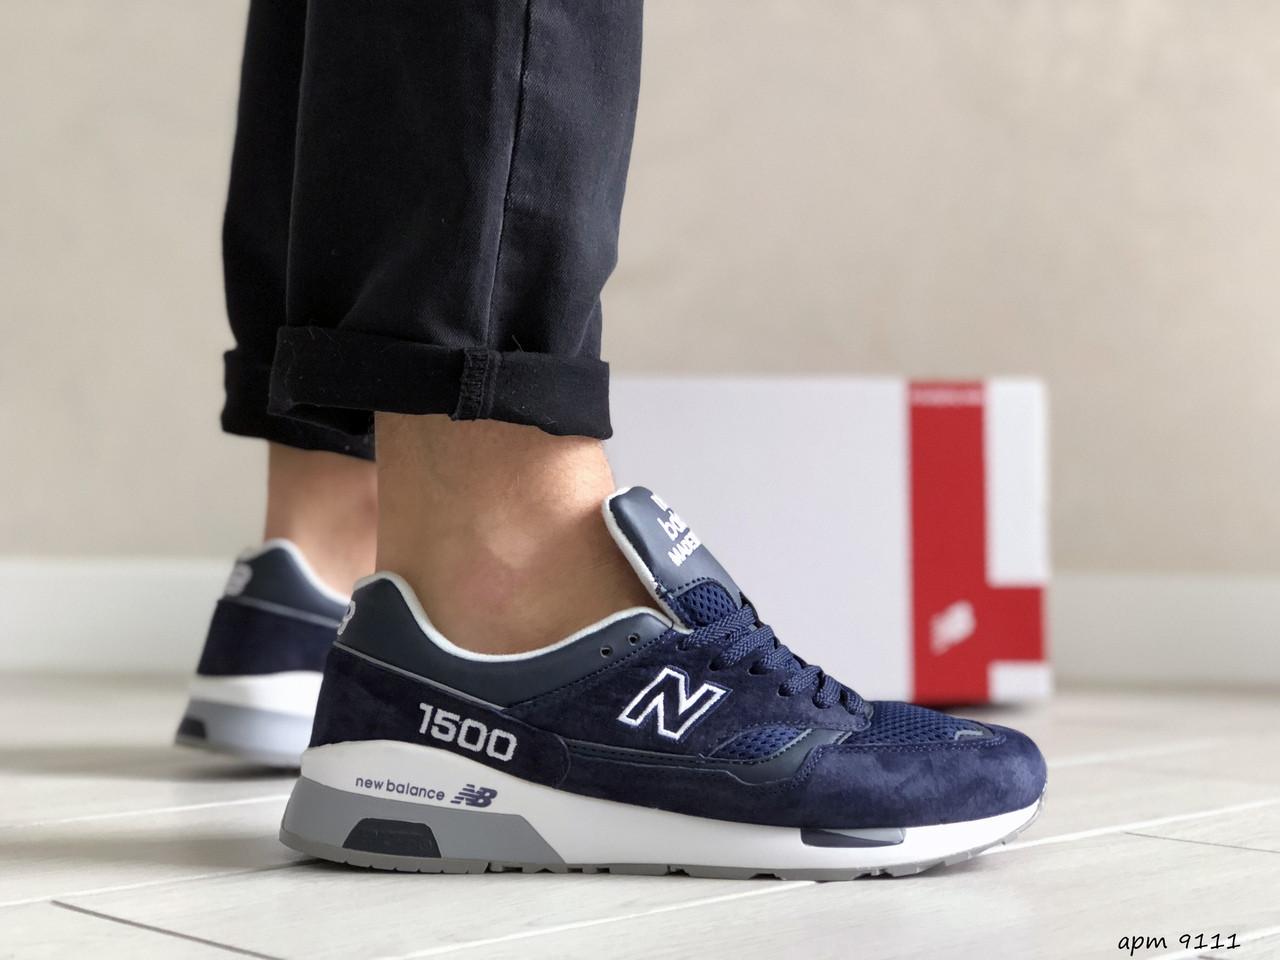 Мужские кроссовки New Balance 1500 ВЕЛИКОБРИТАНИЯ (сине-белые) 9111